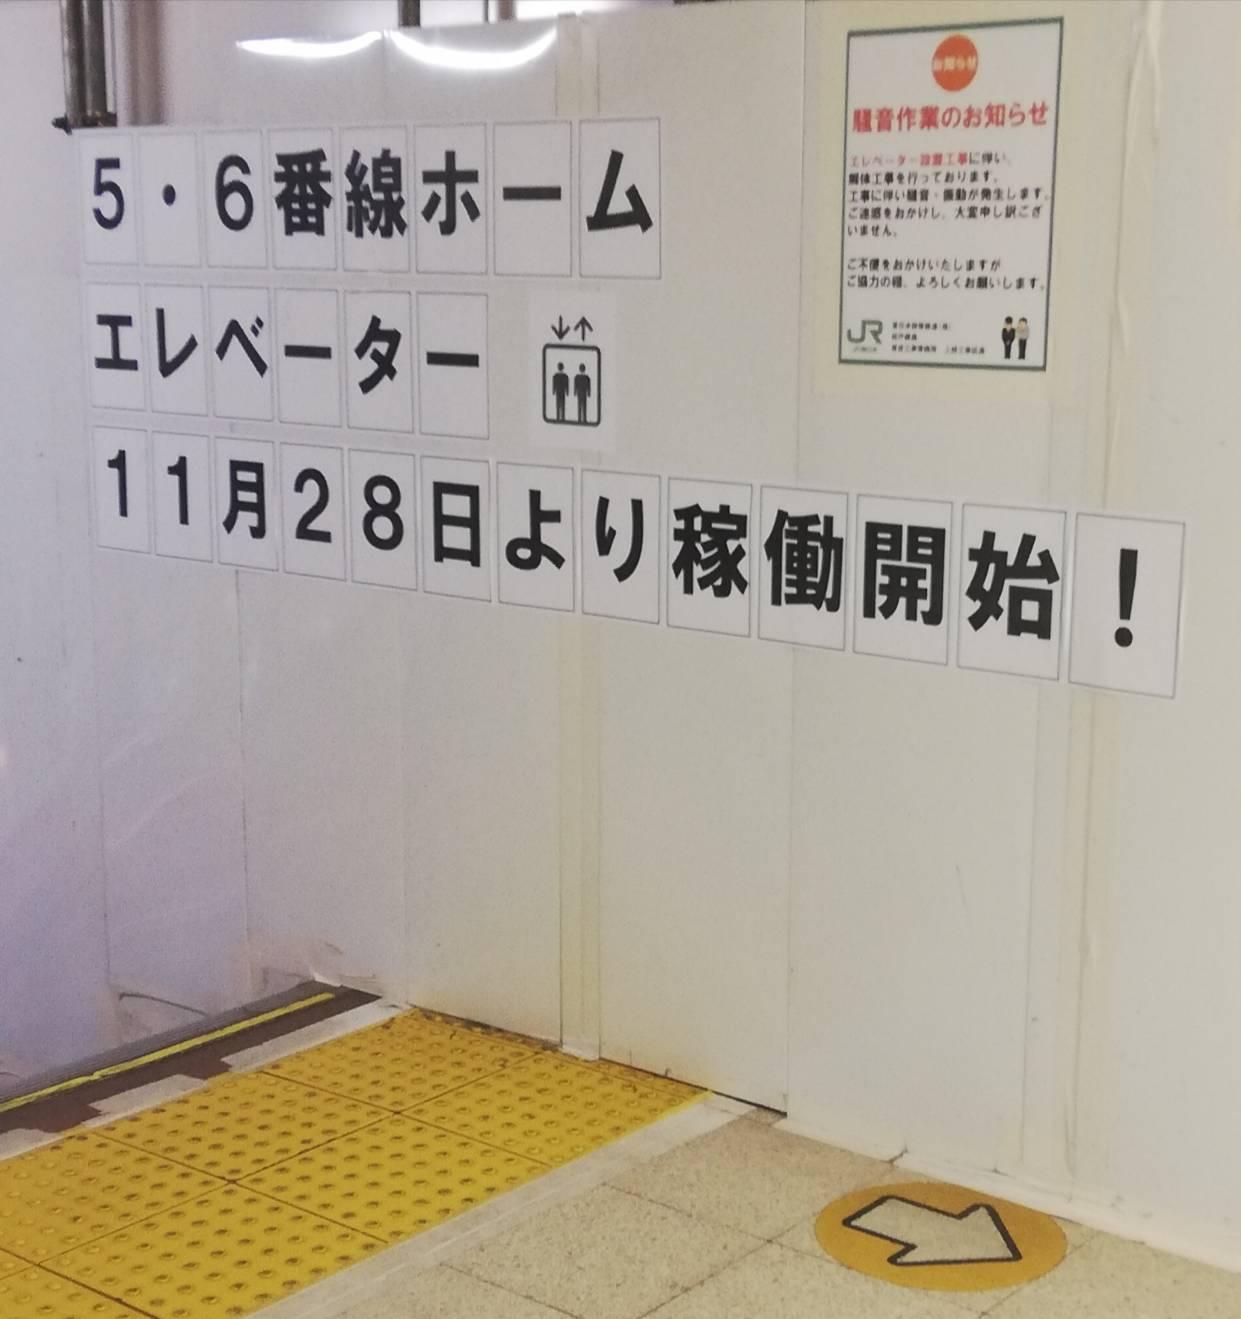 松戸駅エレベーター開始稼働